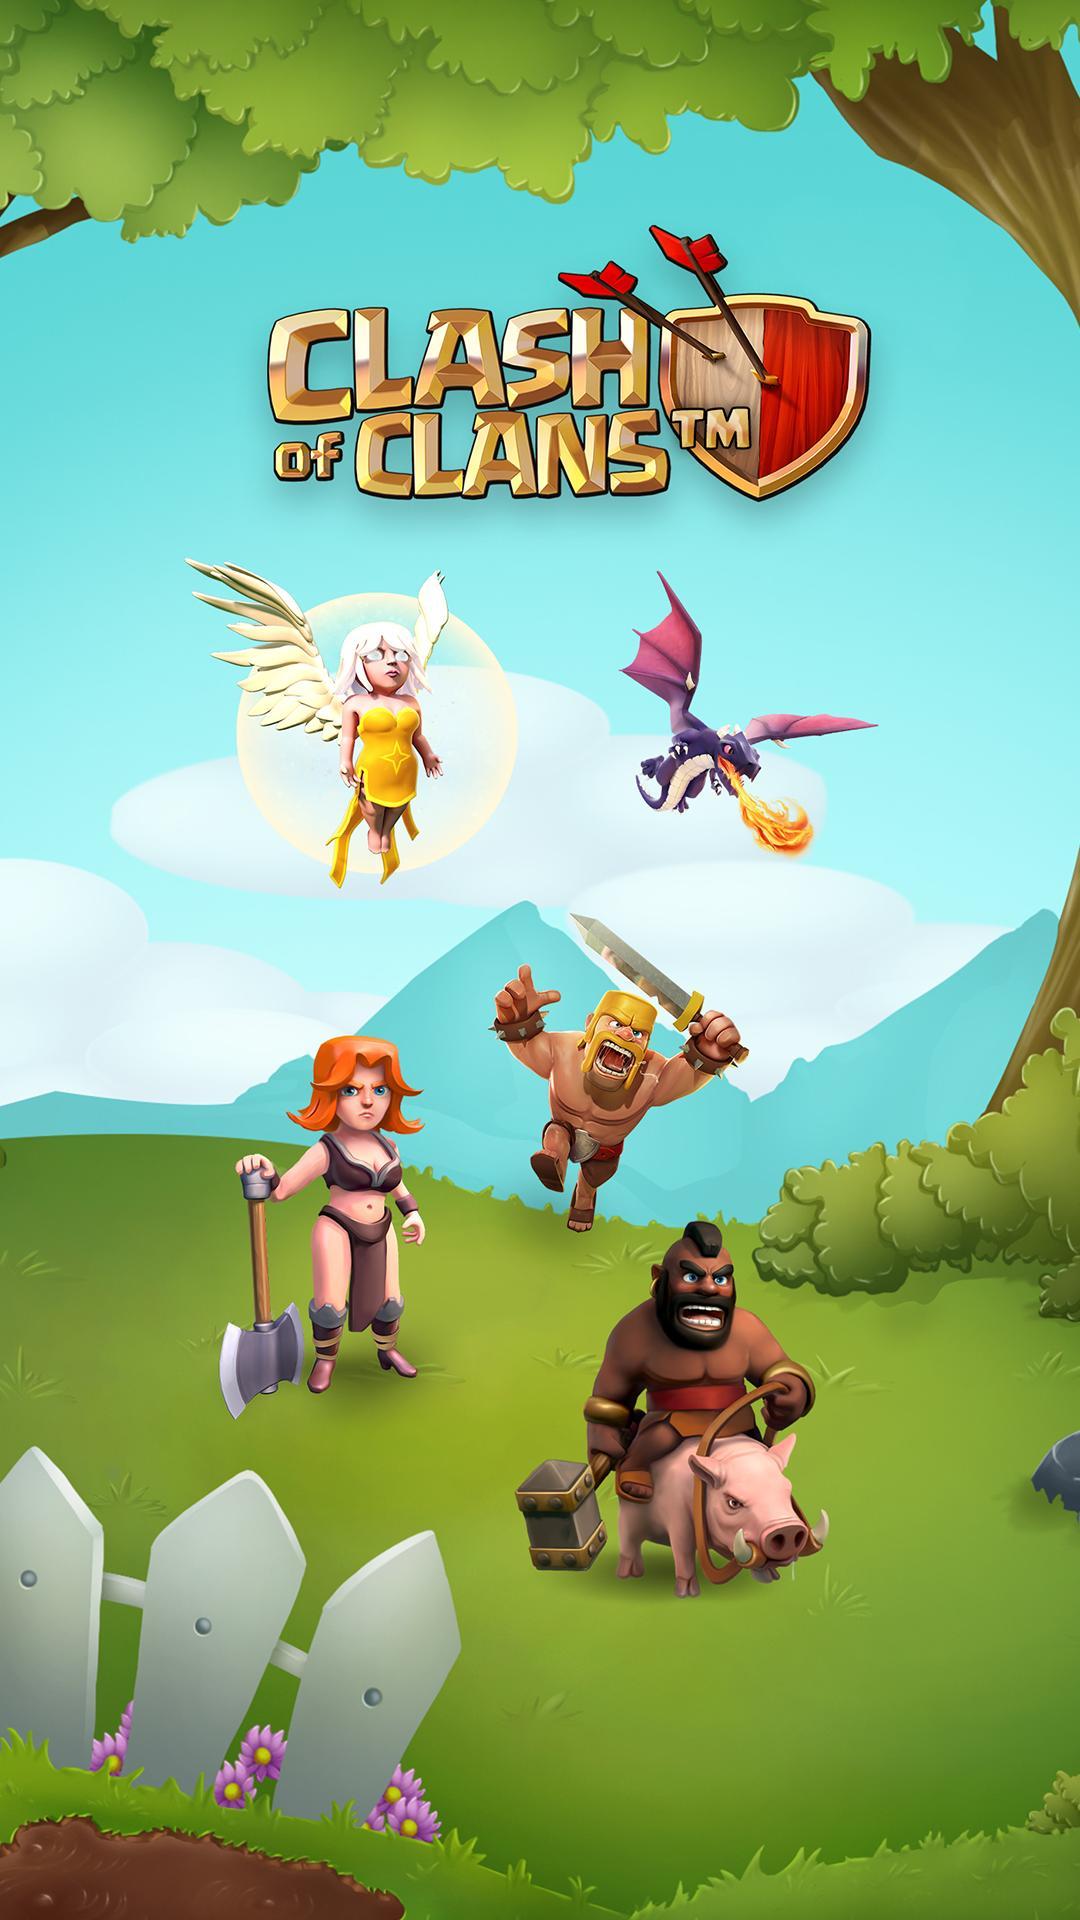 Hintergrundbilder Für Clash Of Clans Für Android Apk